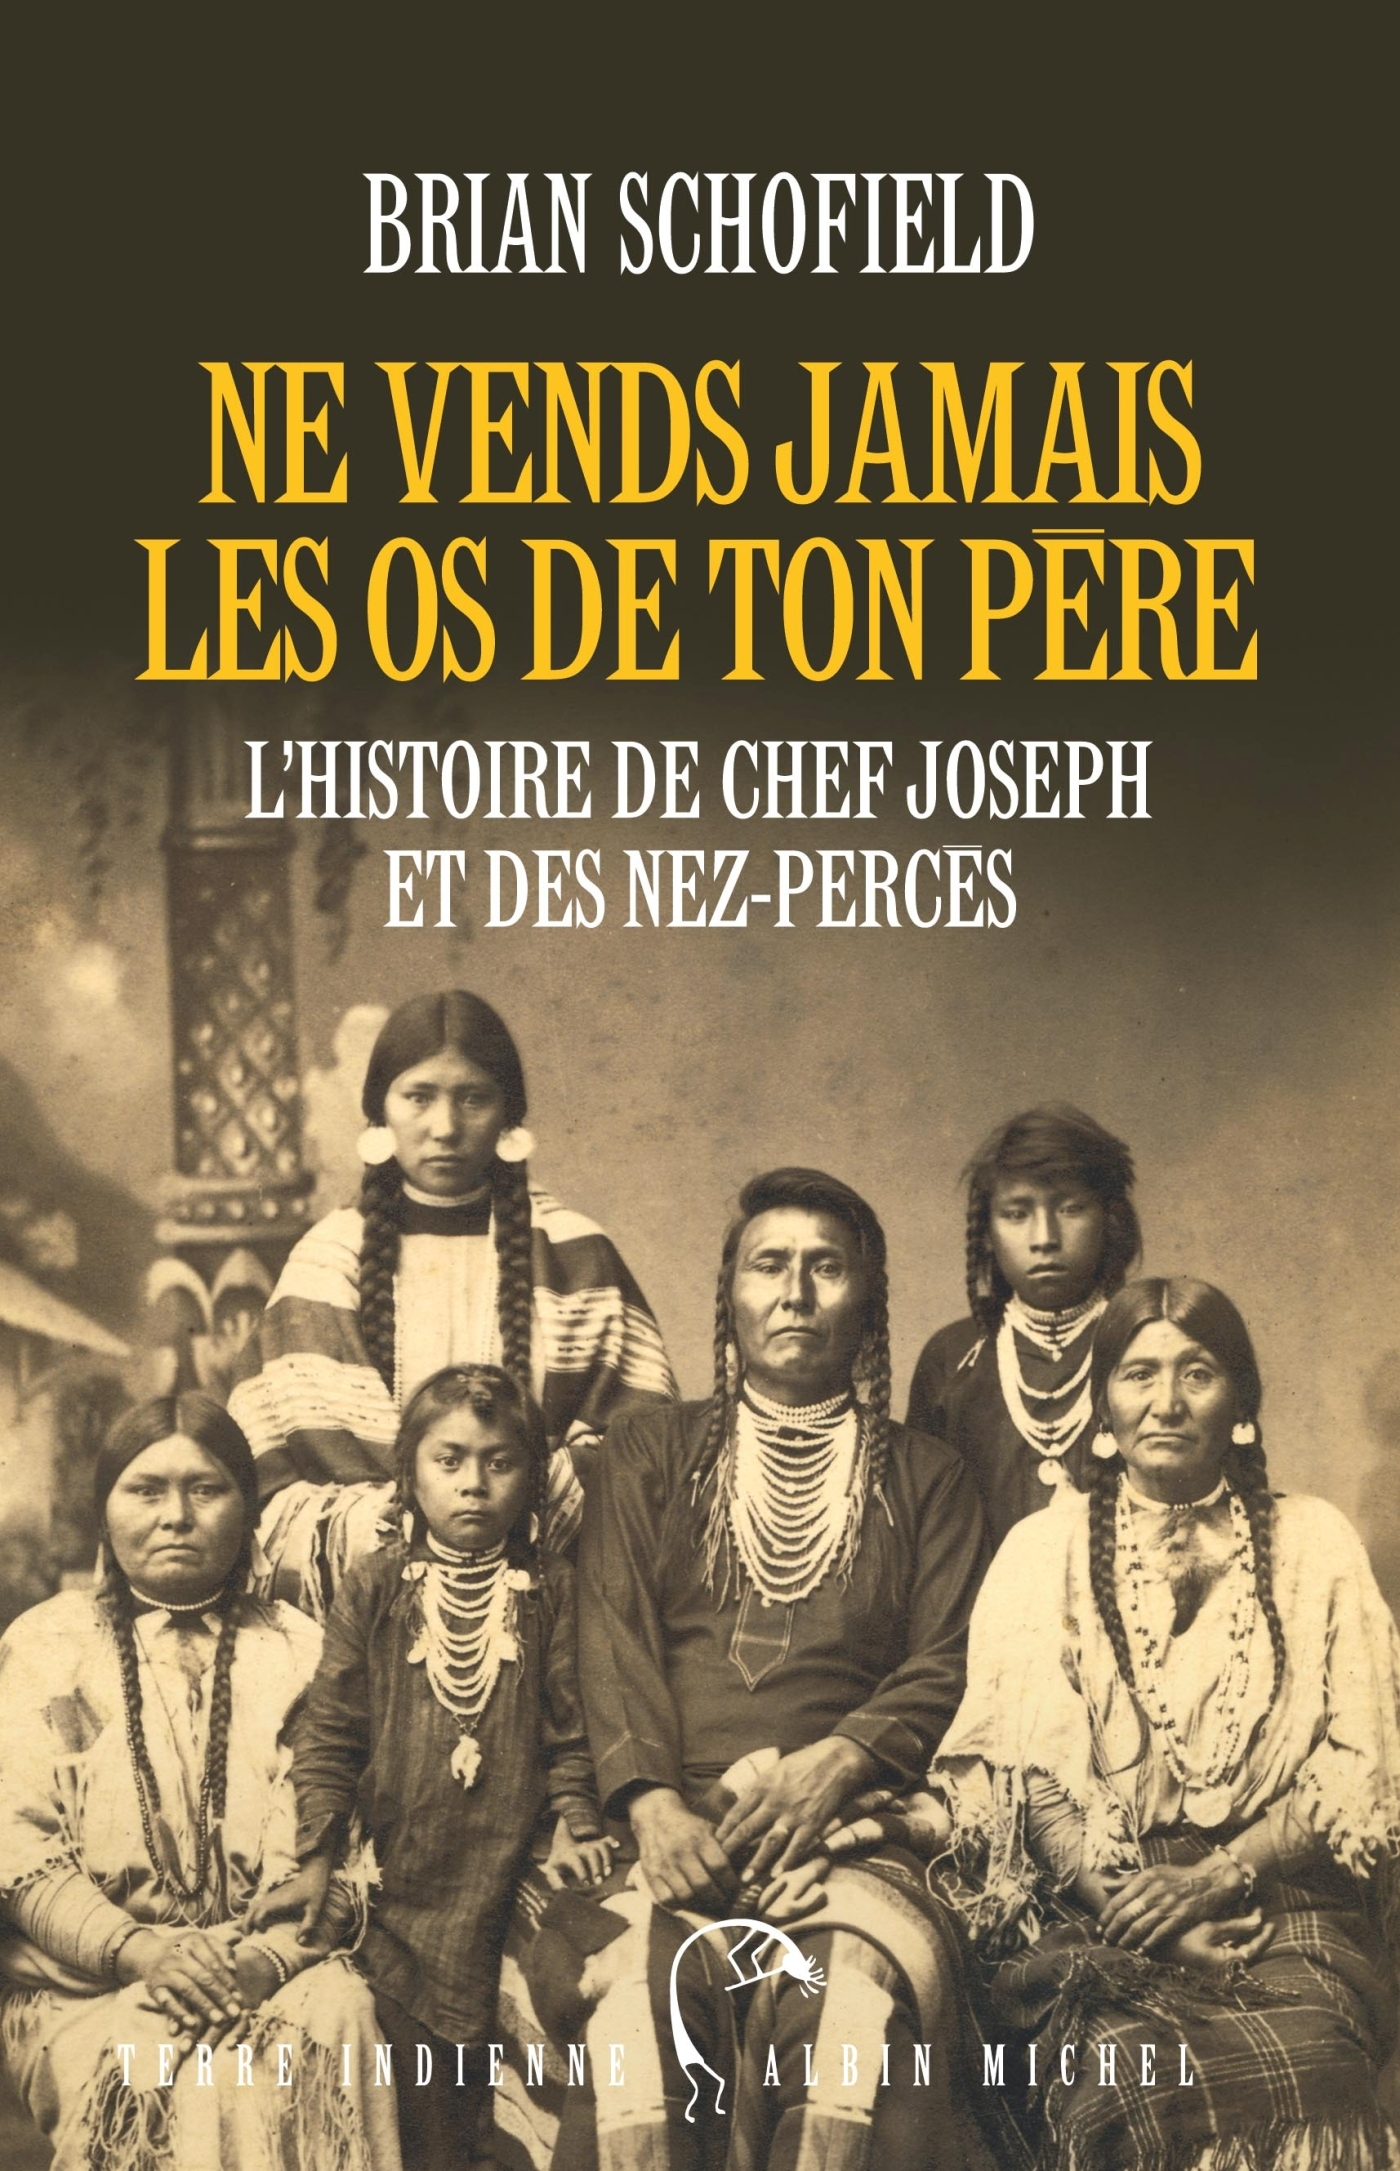 NE VENDS JAMAIS LES OS DE TON PERE - L'HISTOIRE DE CHEF JOSEPH ET DES NEZ-PERCES